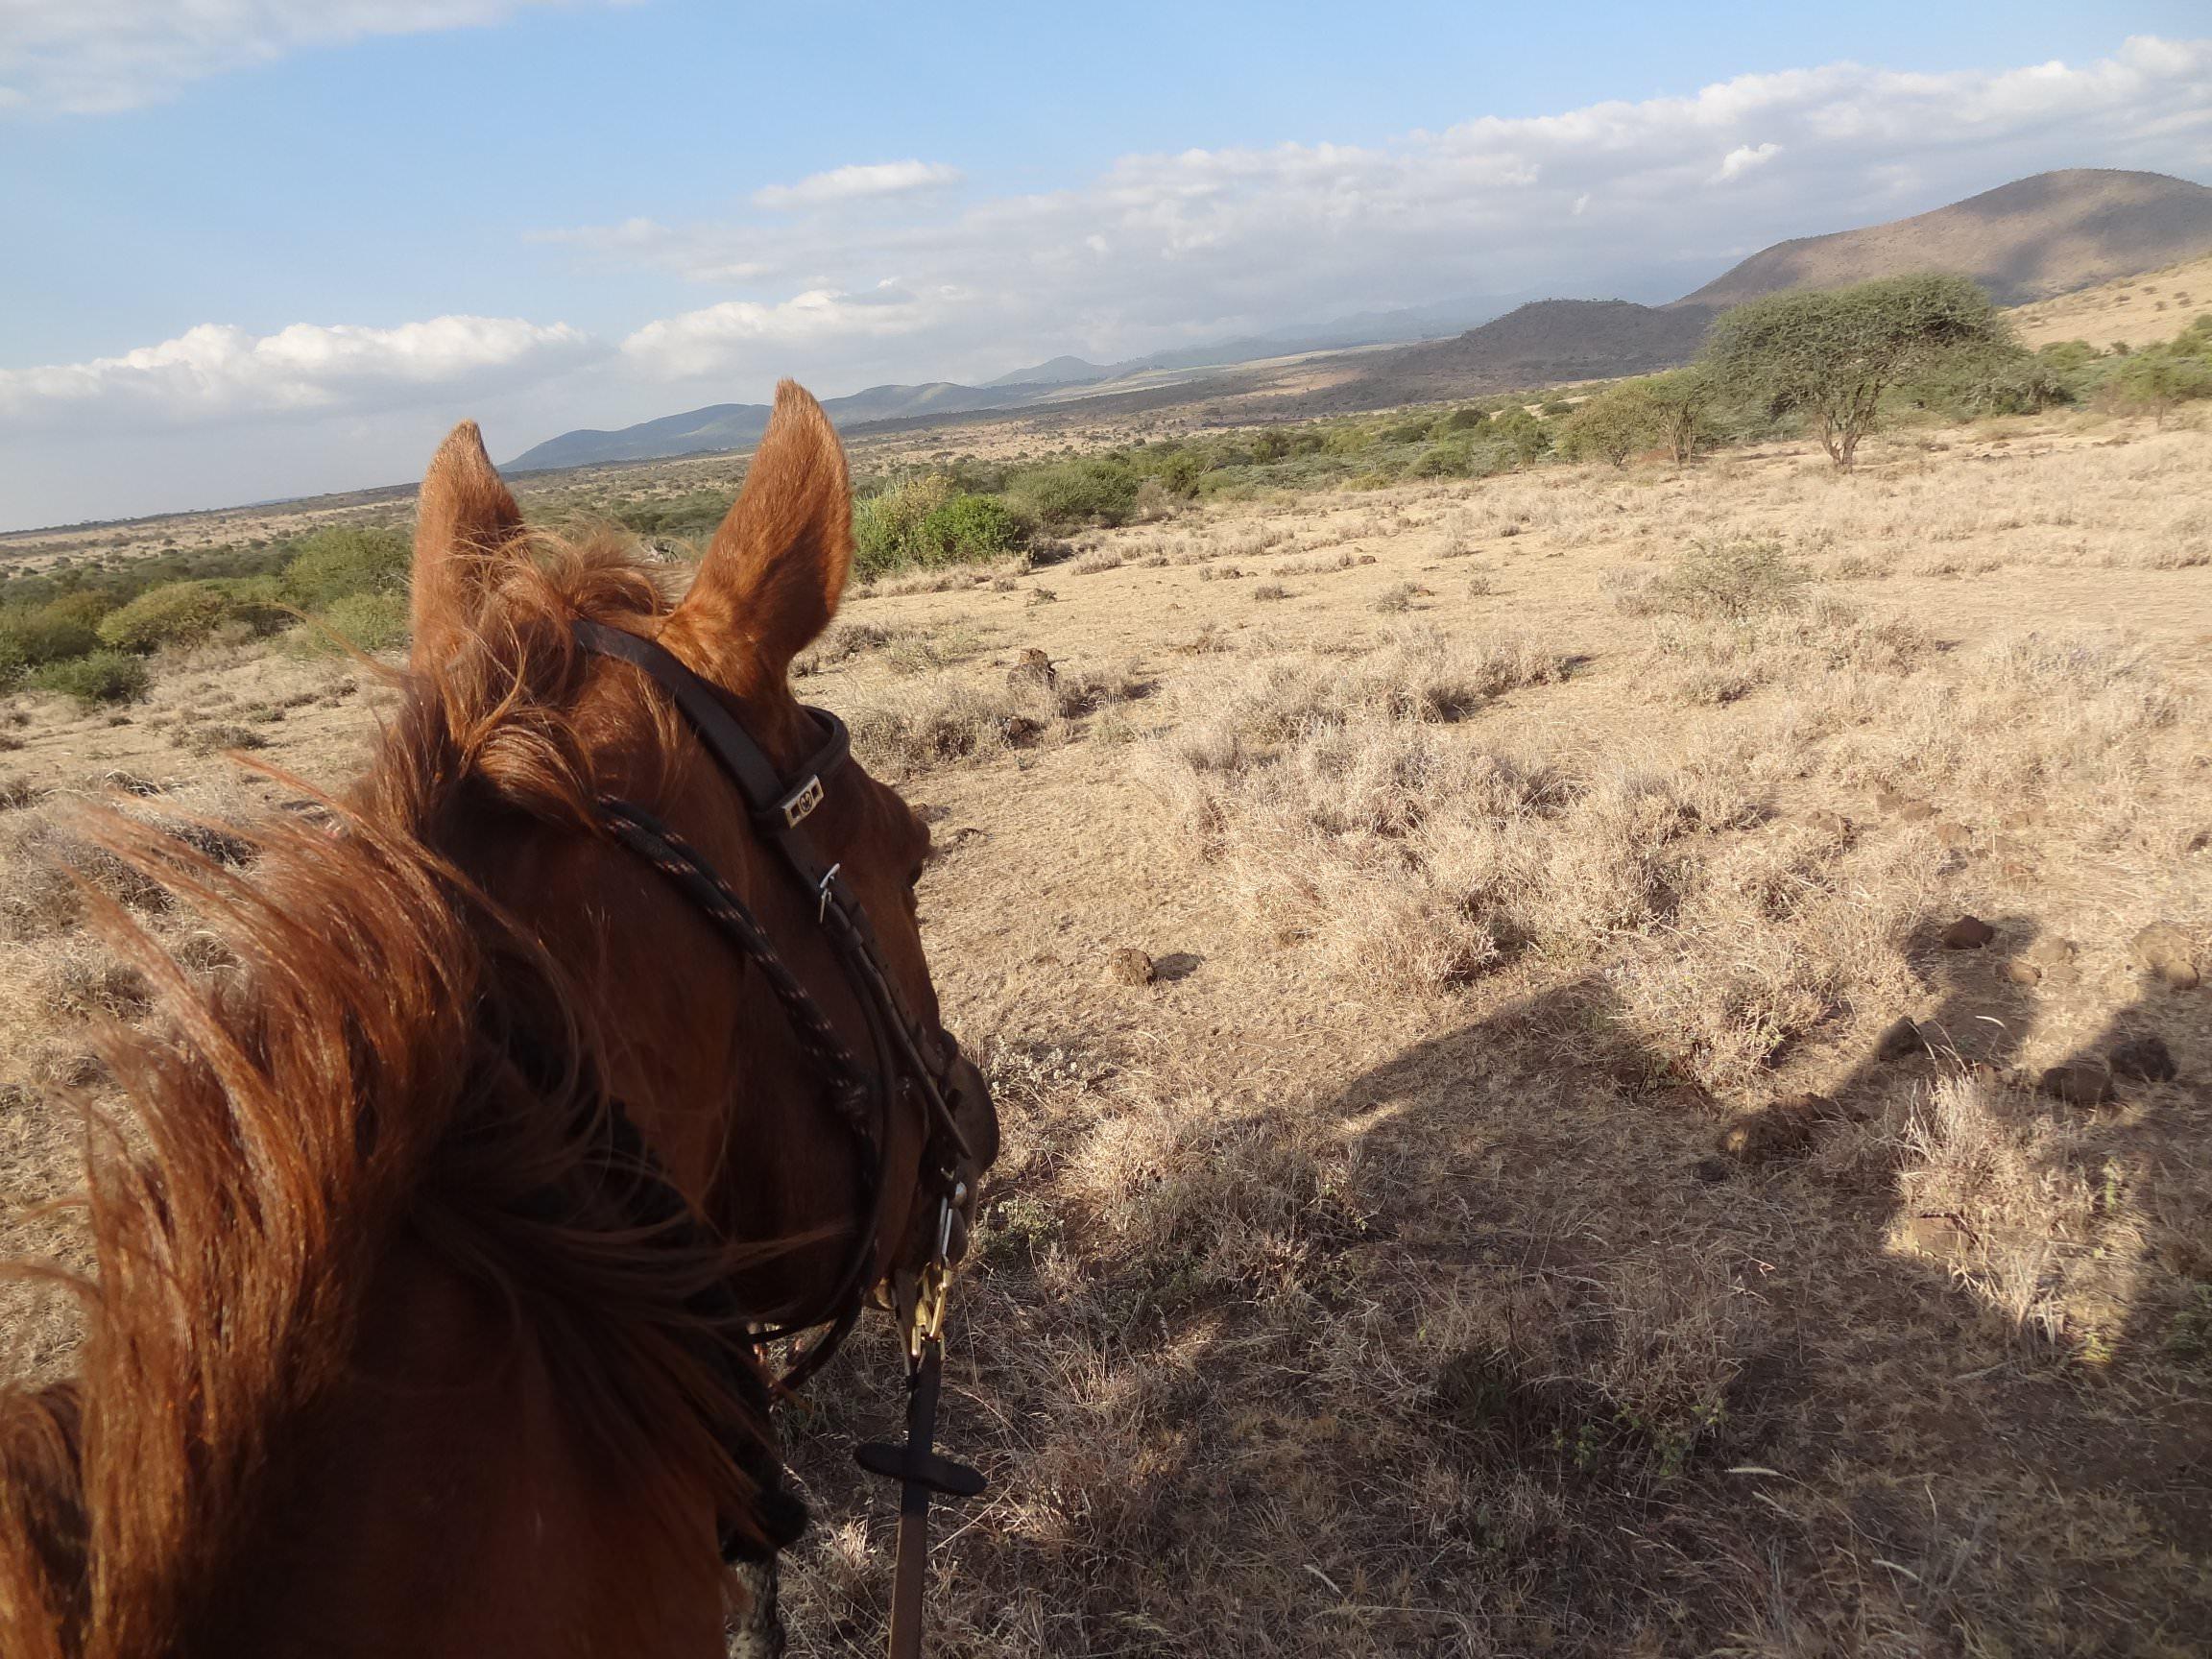 Riding in Tanzania